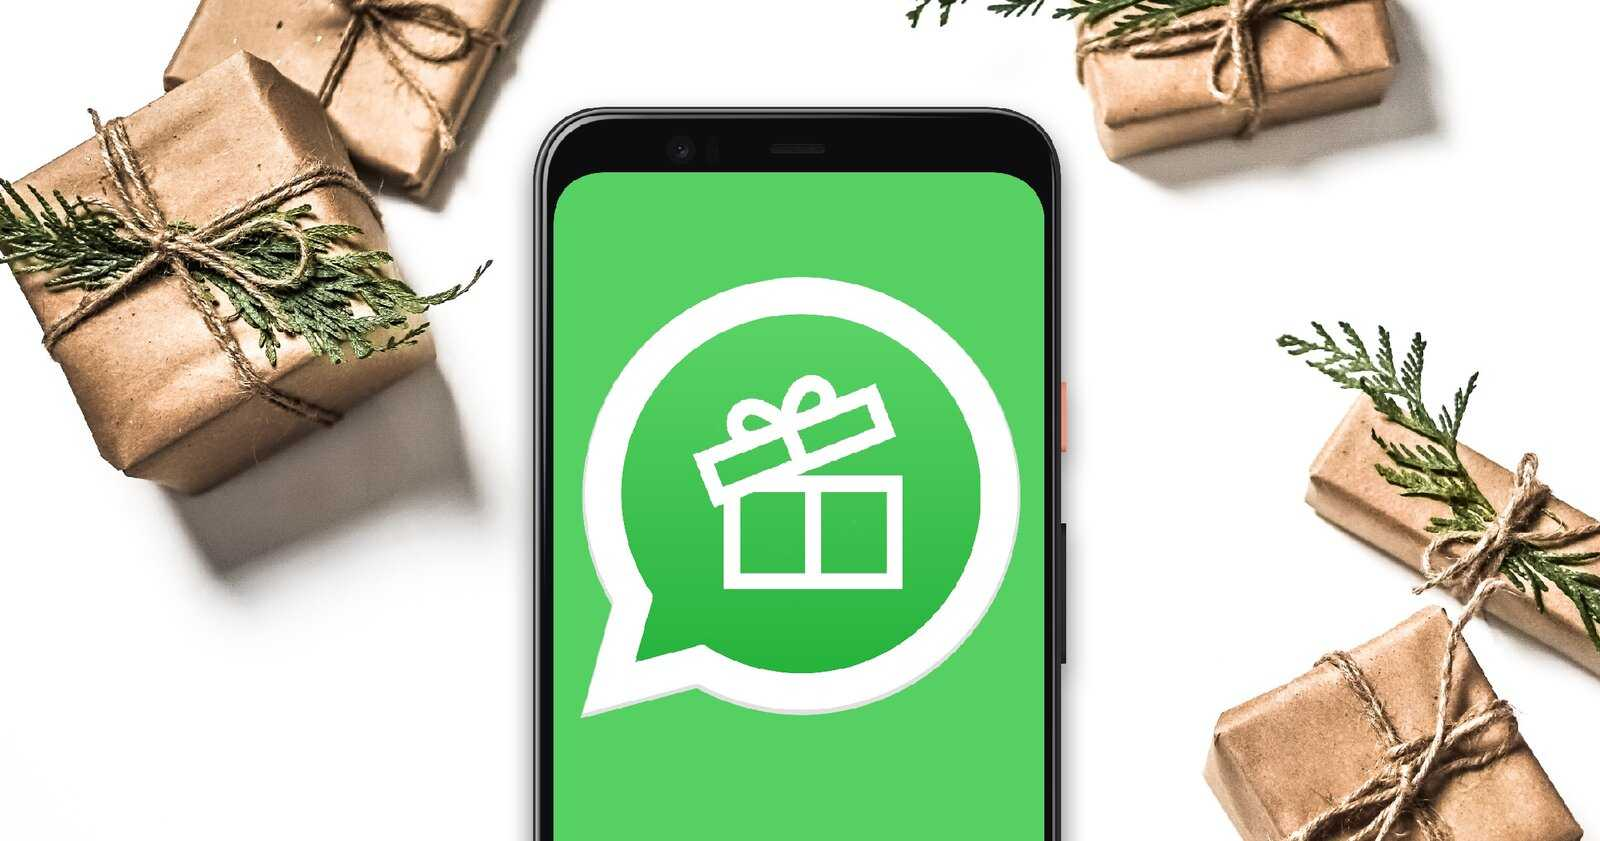 Cadeau sur WhatsApp